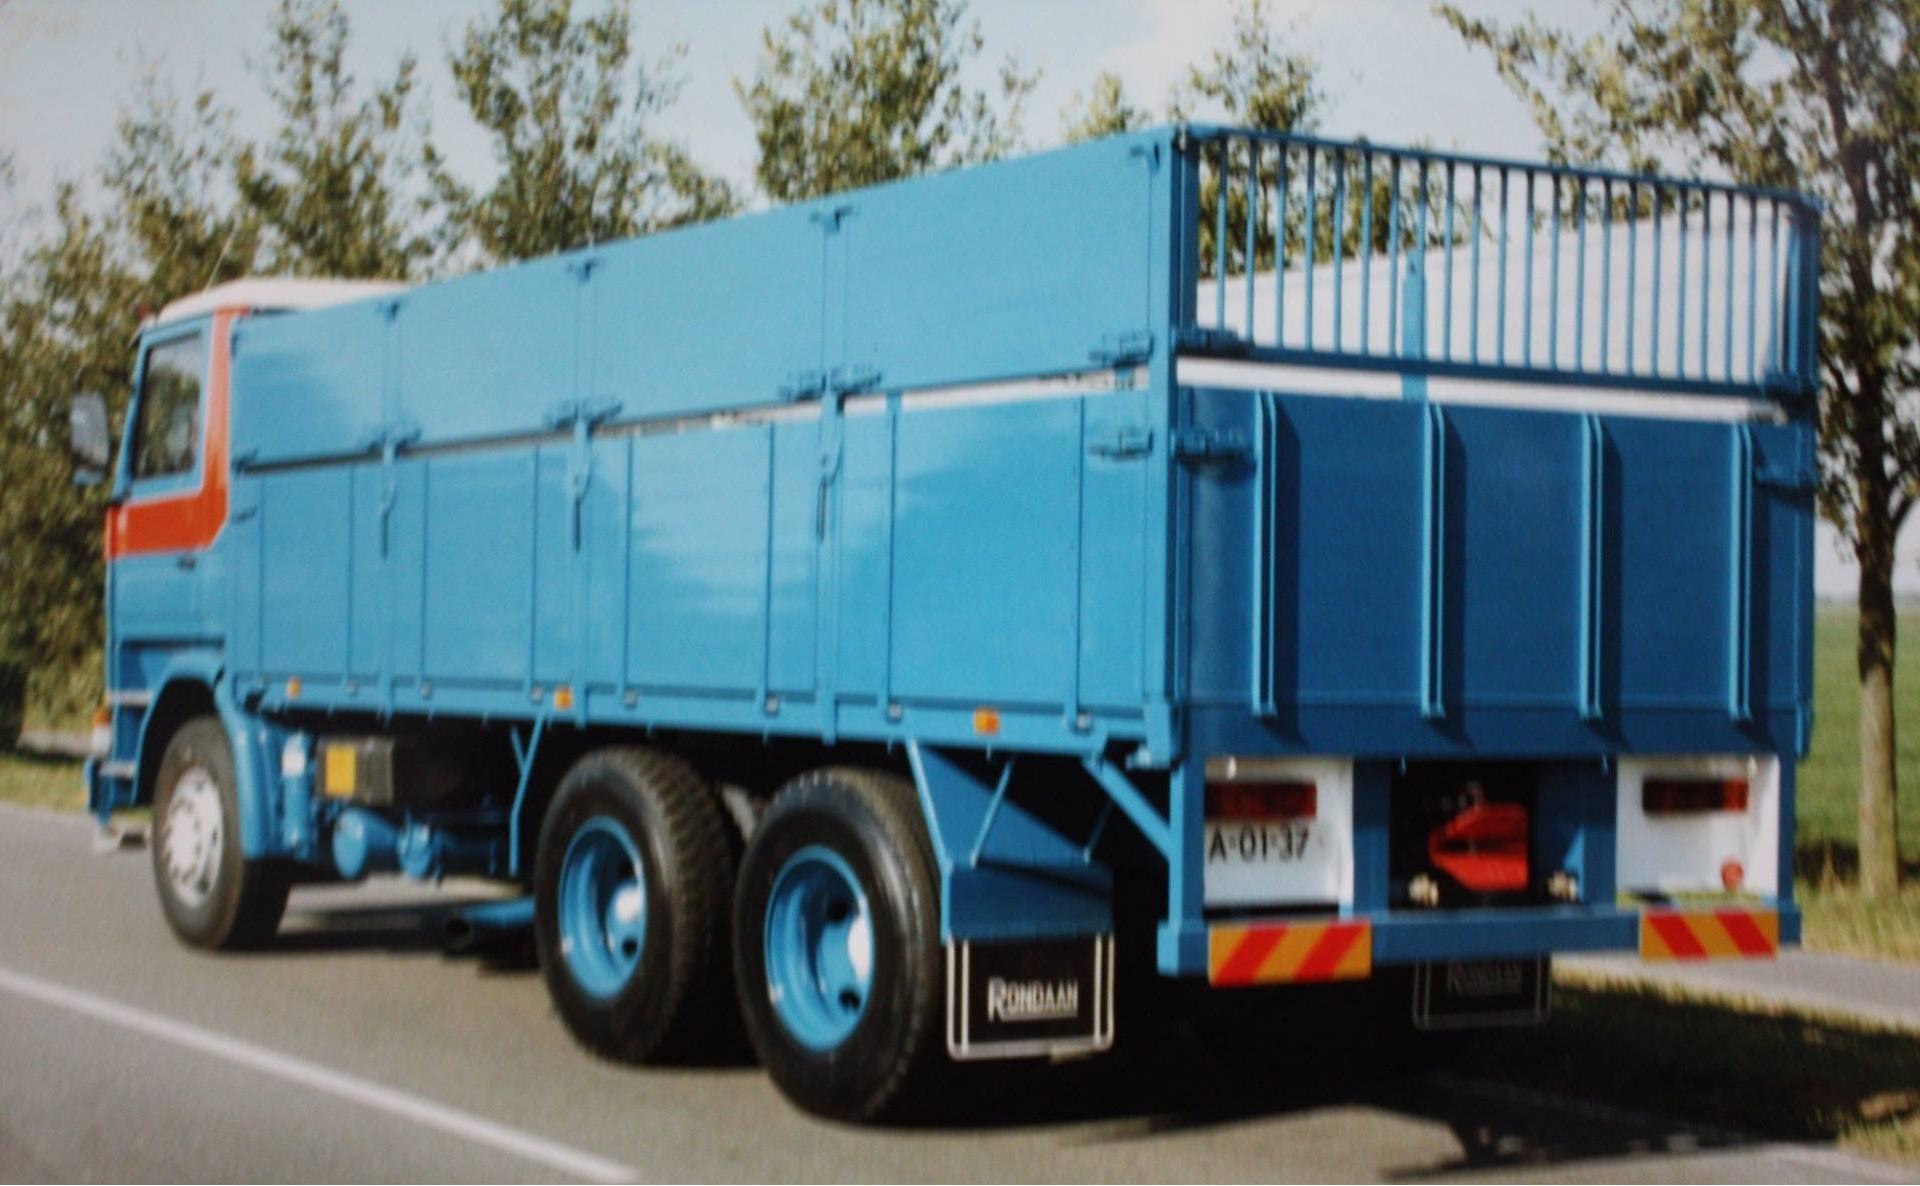 combinatie-truck-met-aanhangwagen-voor-bietenvervoer-en-deze-oplegger-is-gebouwd-door-Rondaan-voor-Transportbedrijf-Althusius-in-Tzummarum-5